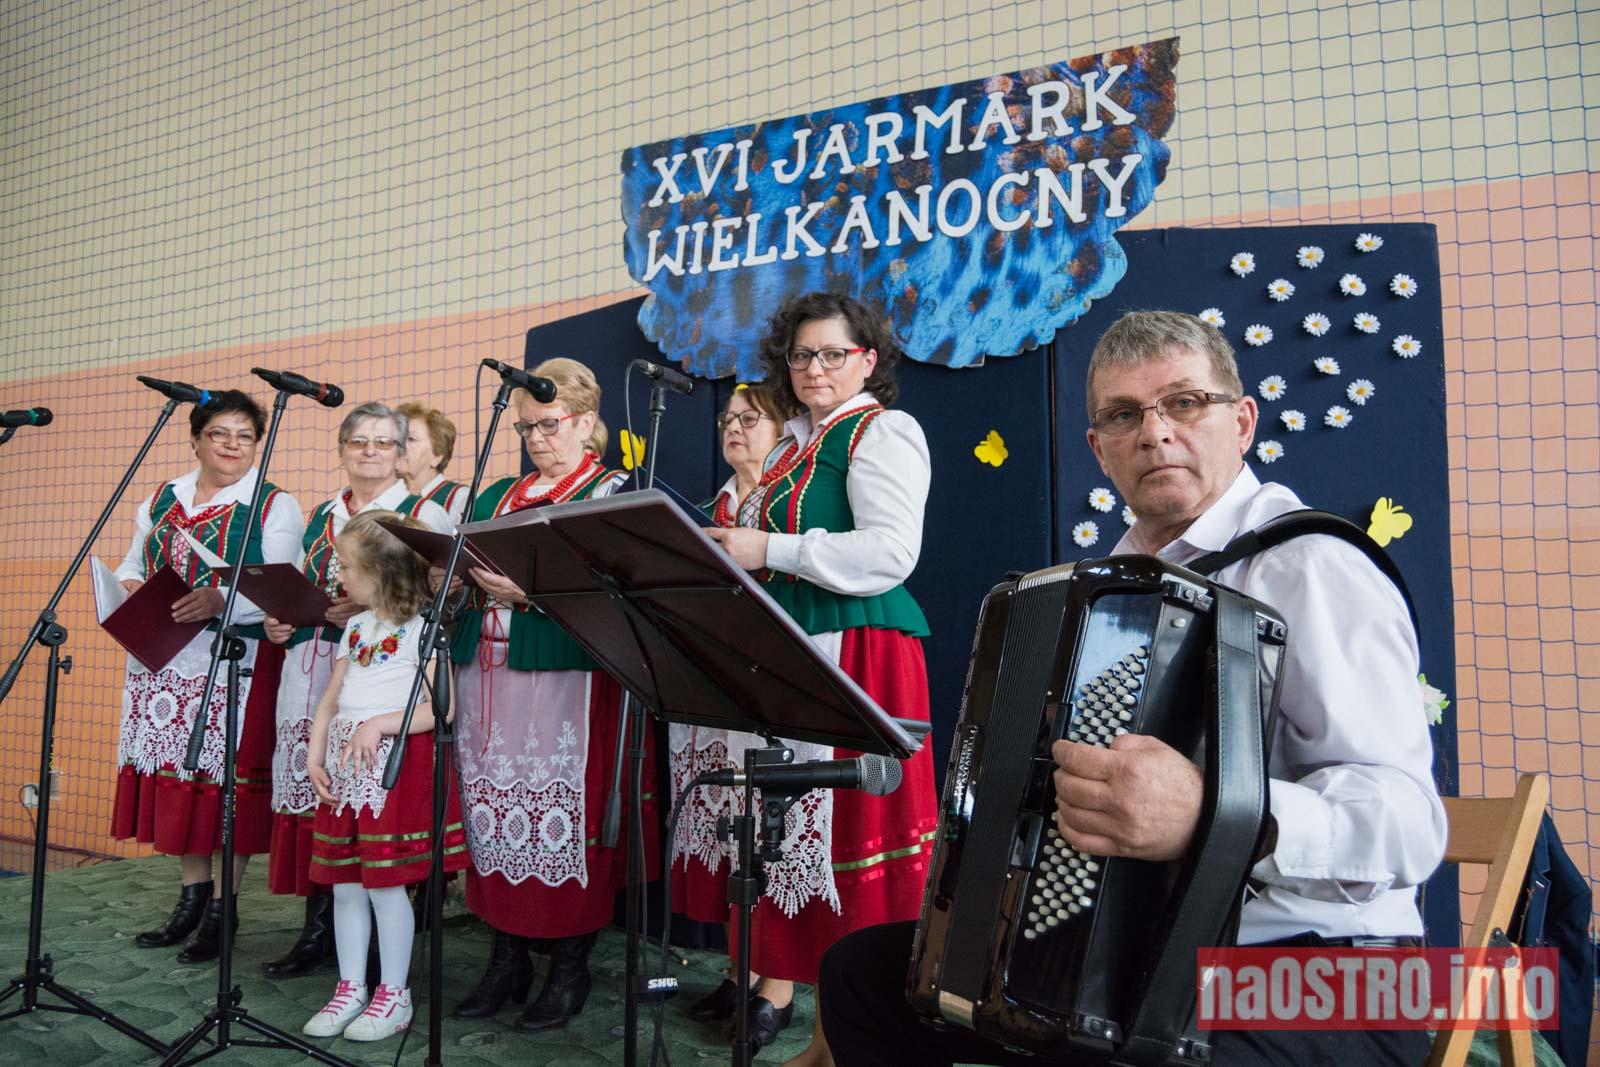 NaOSTRO Szwwna Jarmark-67